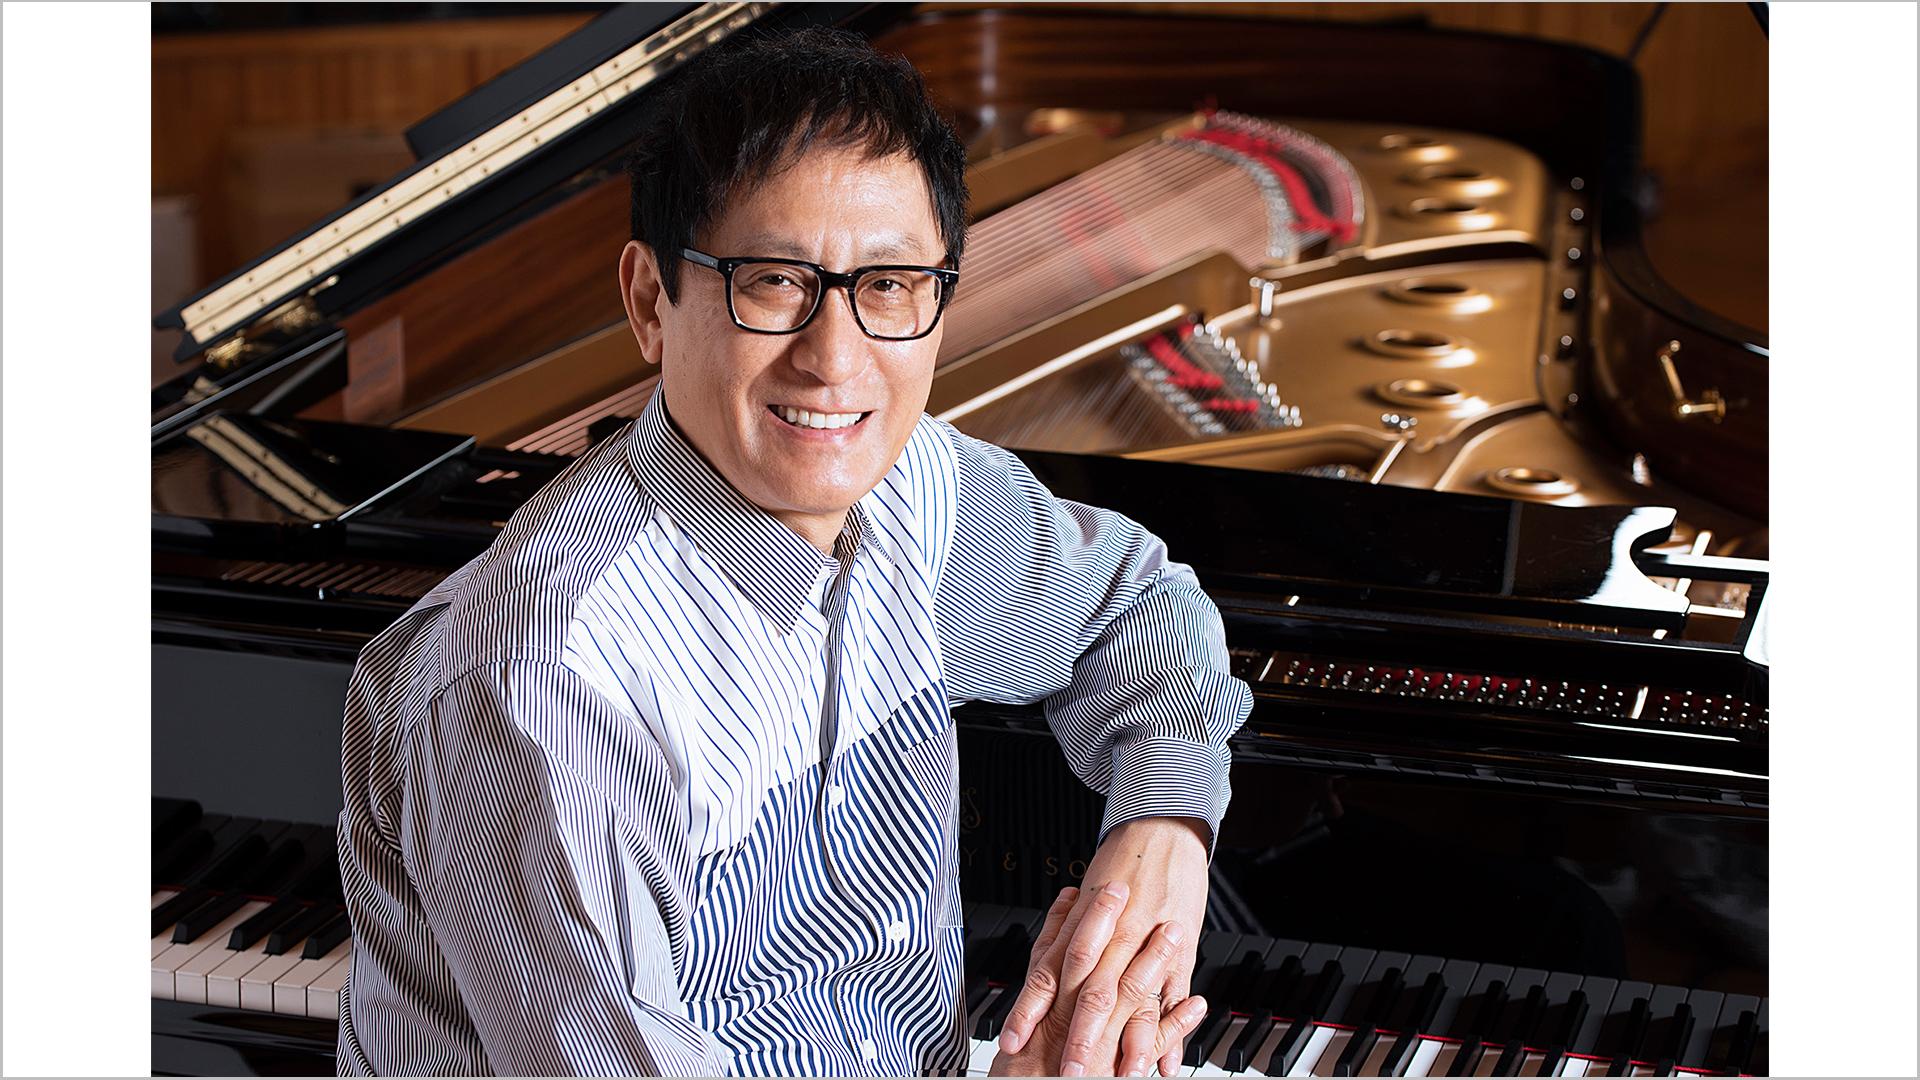 『僕らの音楽』presents 武部聡志 ピアノデイズ